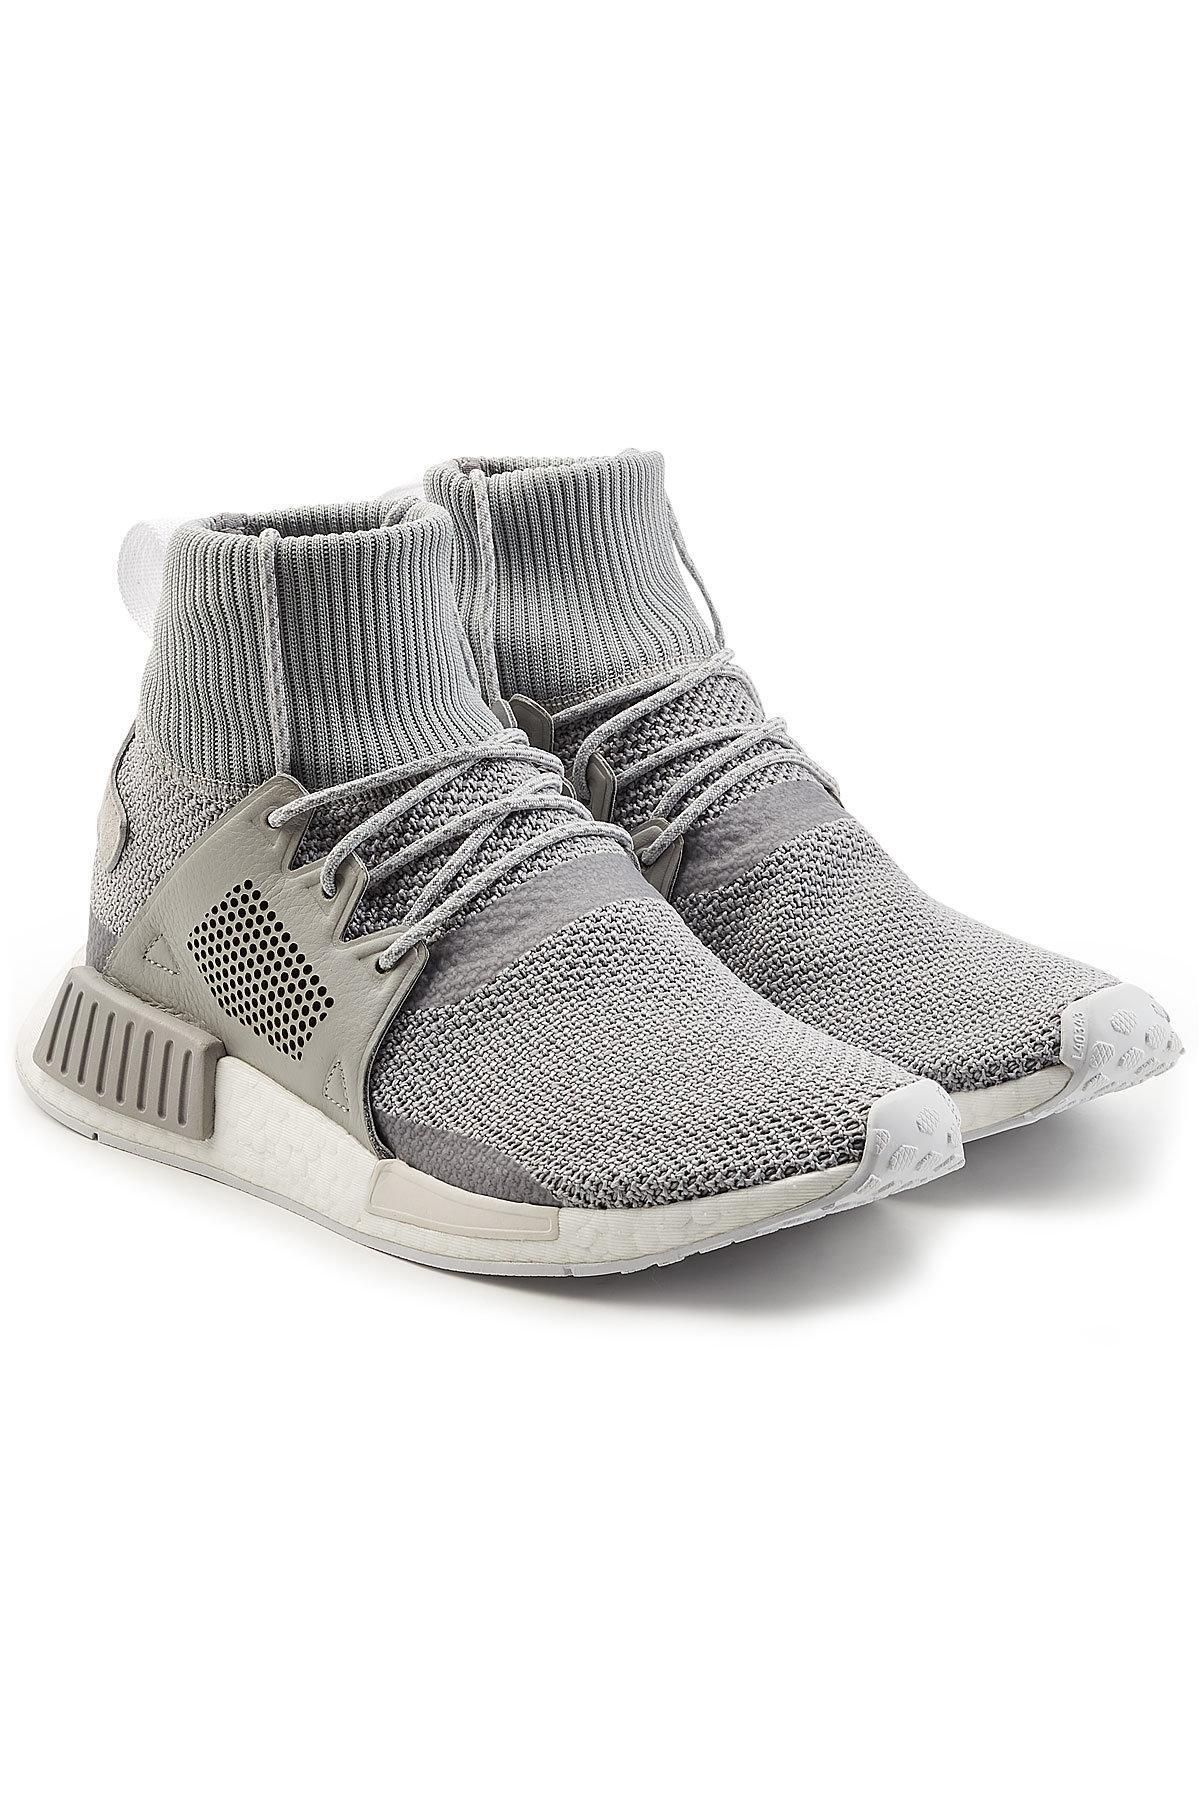 Lyst Baskets en tissu NMD_XR1 Winter Adidas Originals pour